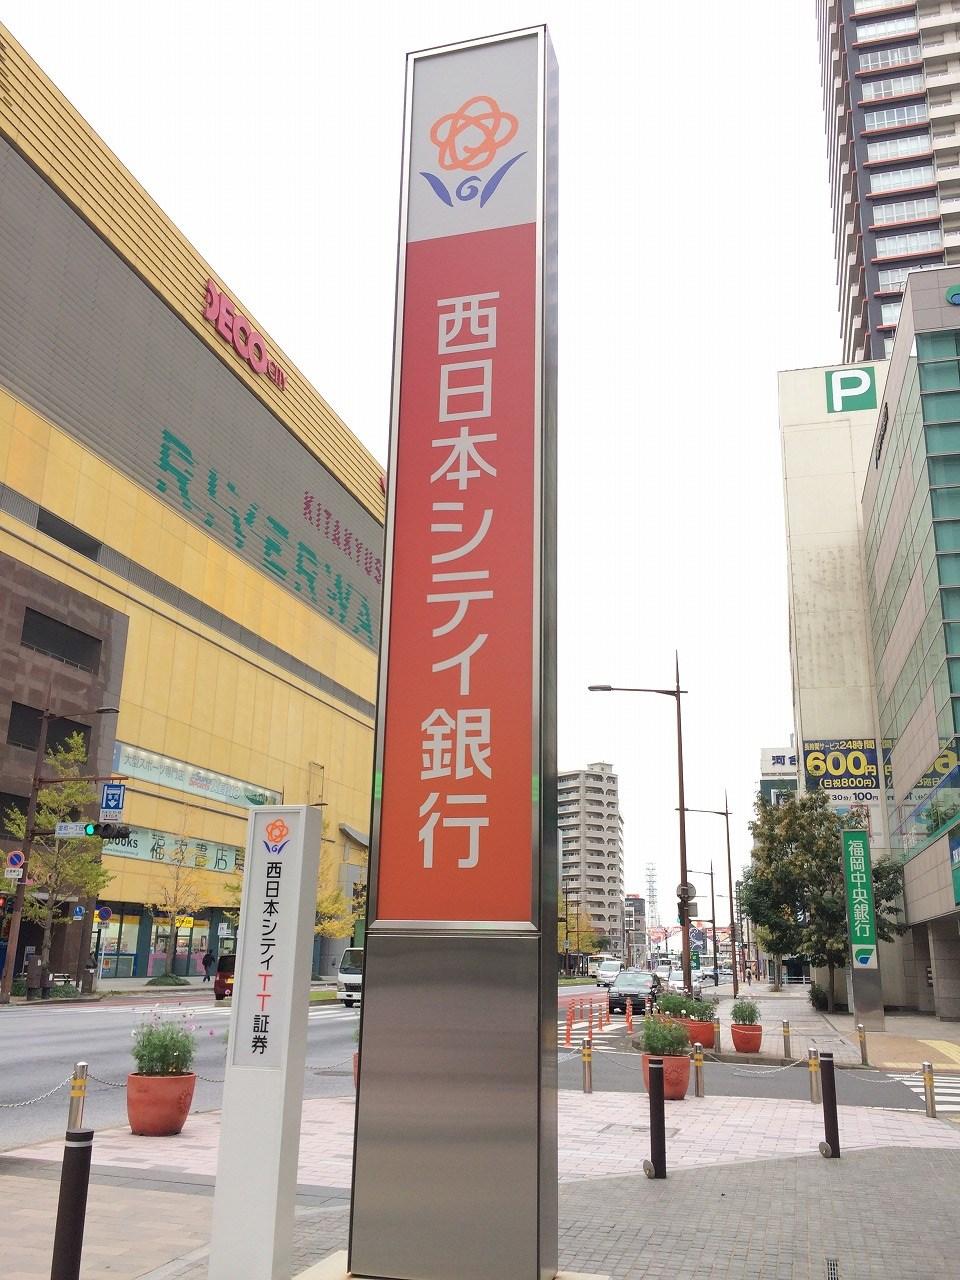 銀行:西日本シティ銀行徳力支店志徳出張所 604m